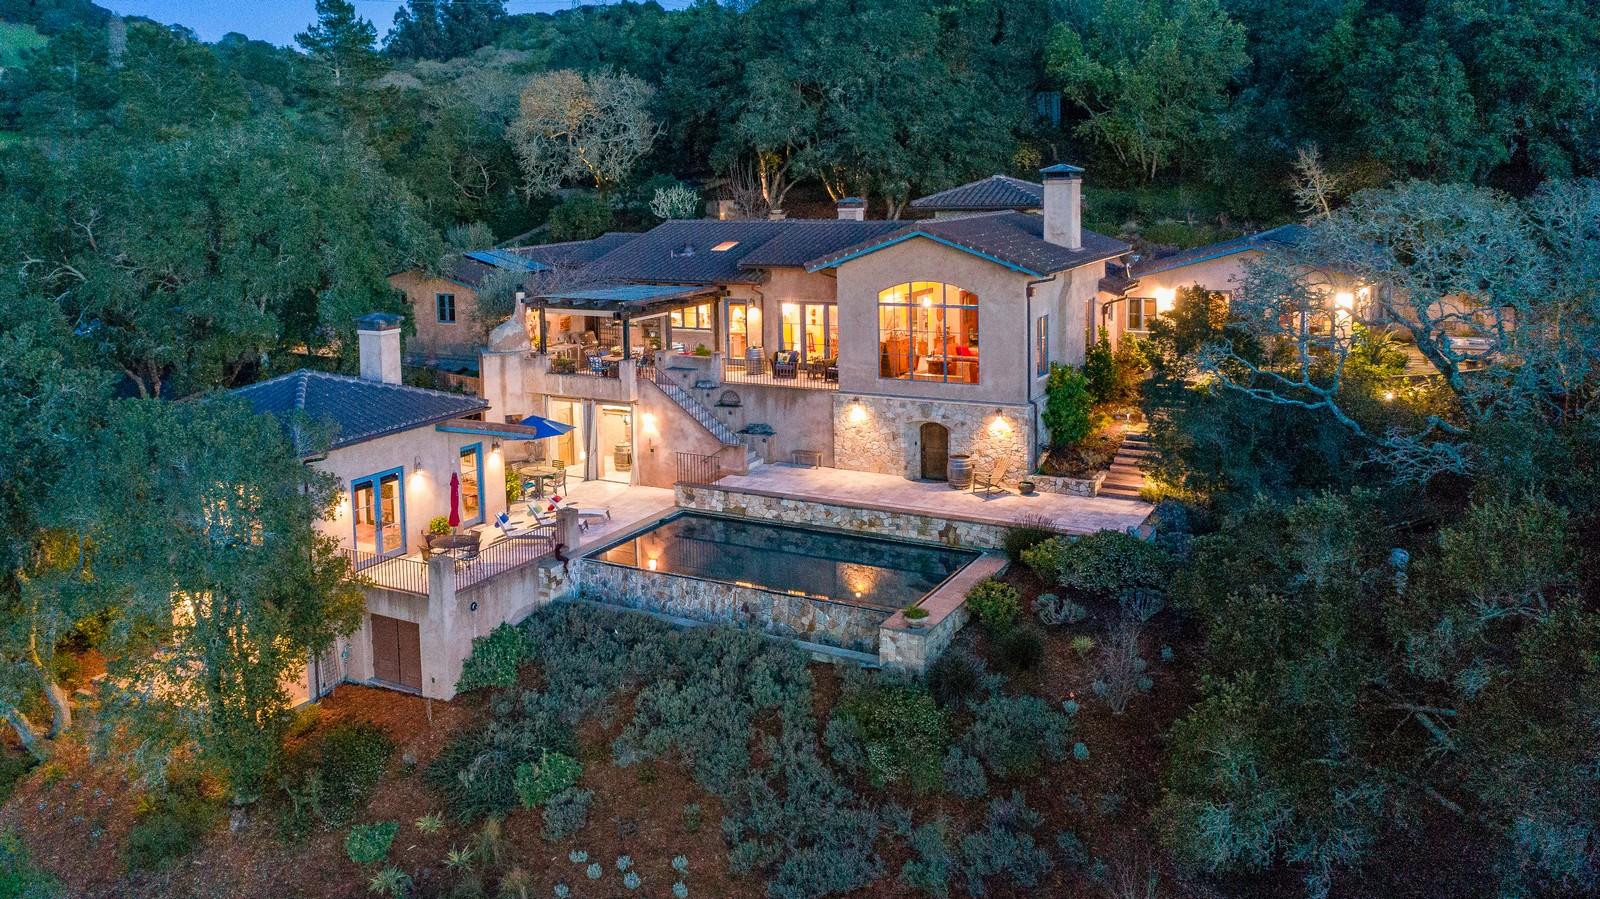 独户住宅 为 销售 在 Barbed Oak Vineyard Estate 3763 Matanzas Creek Lane 圣罗莎, 加利福尼亚州, 95404 美国